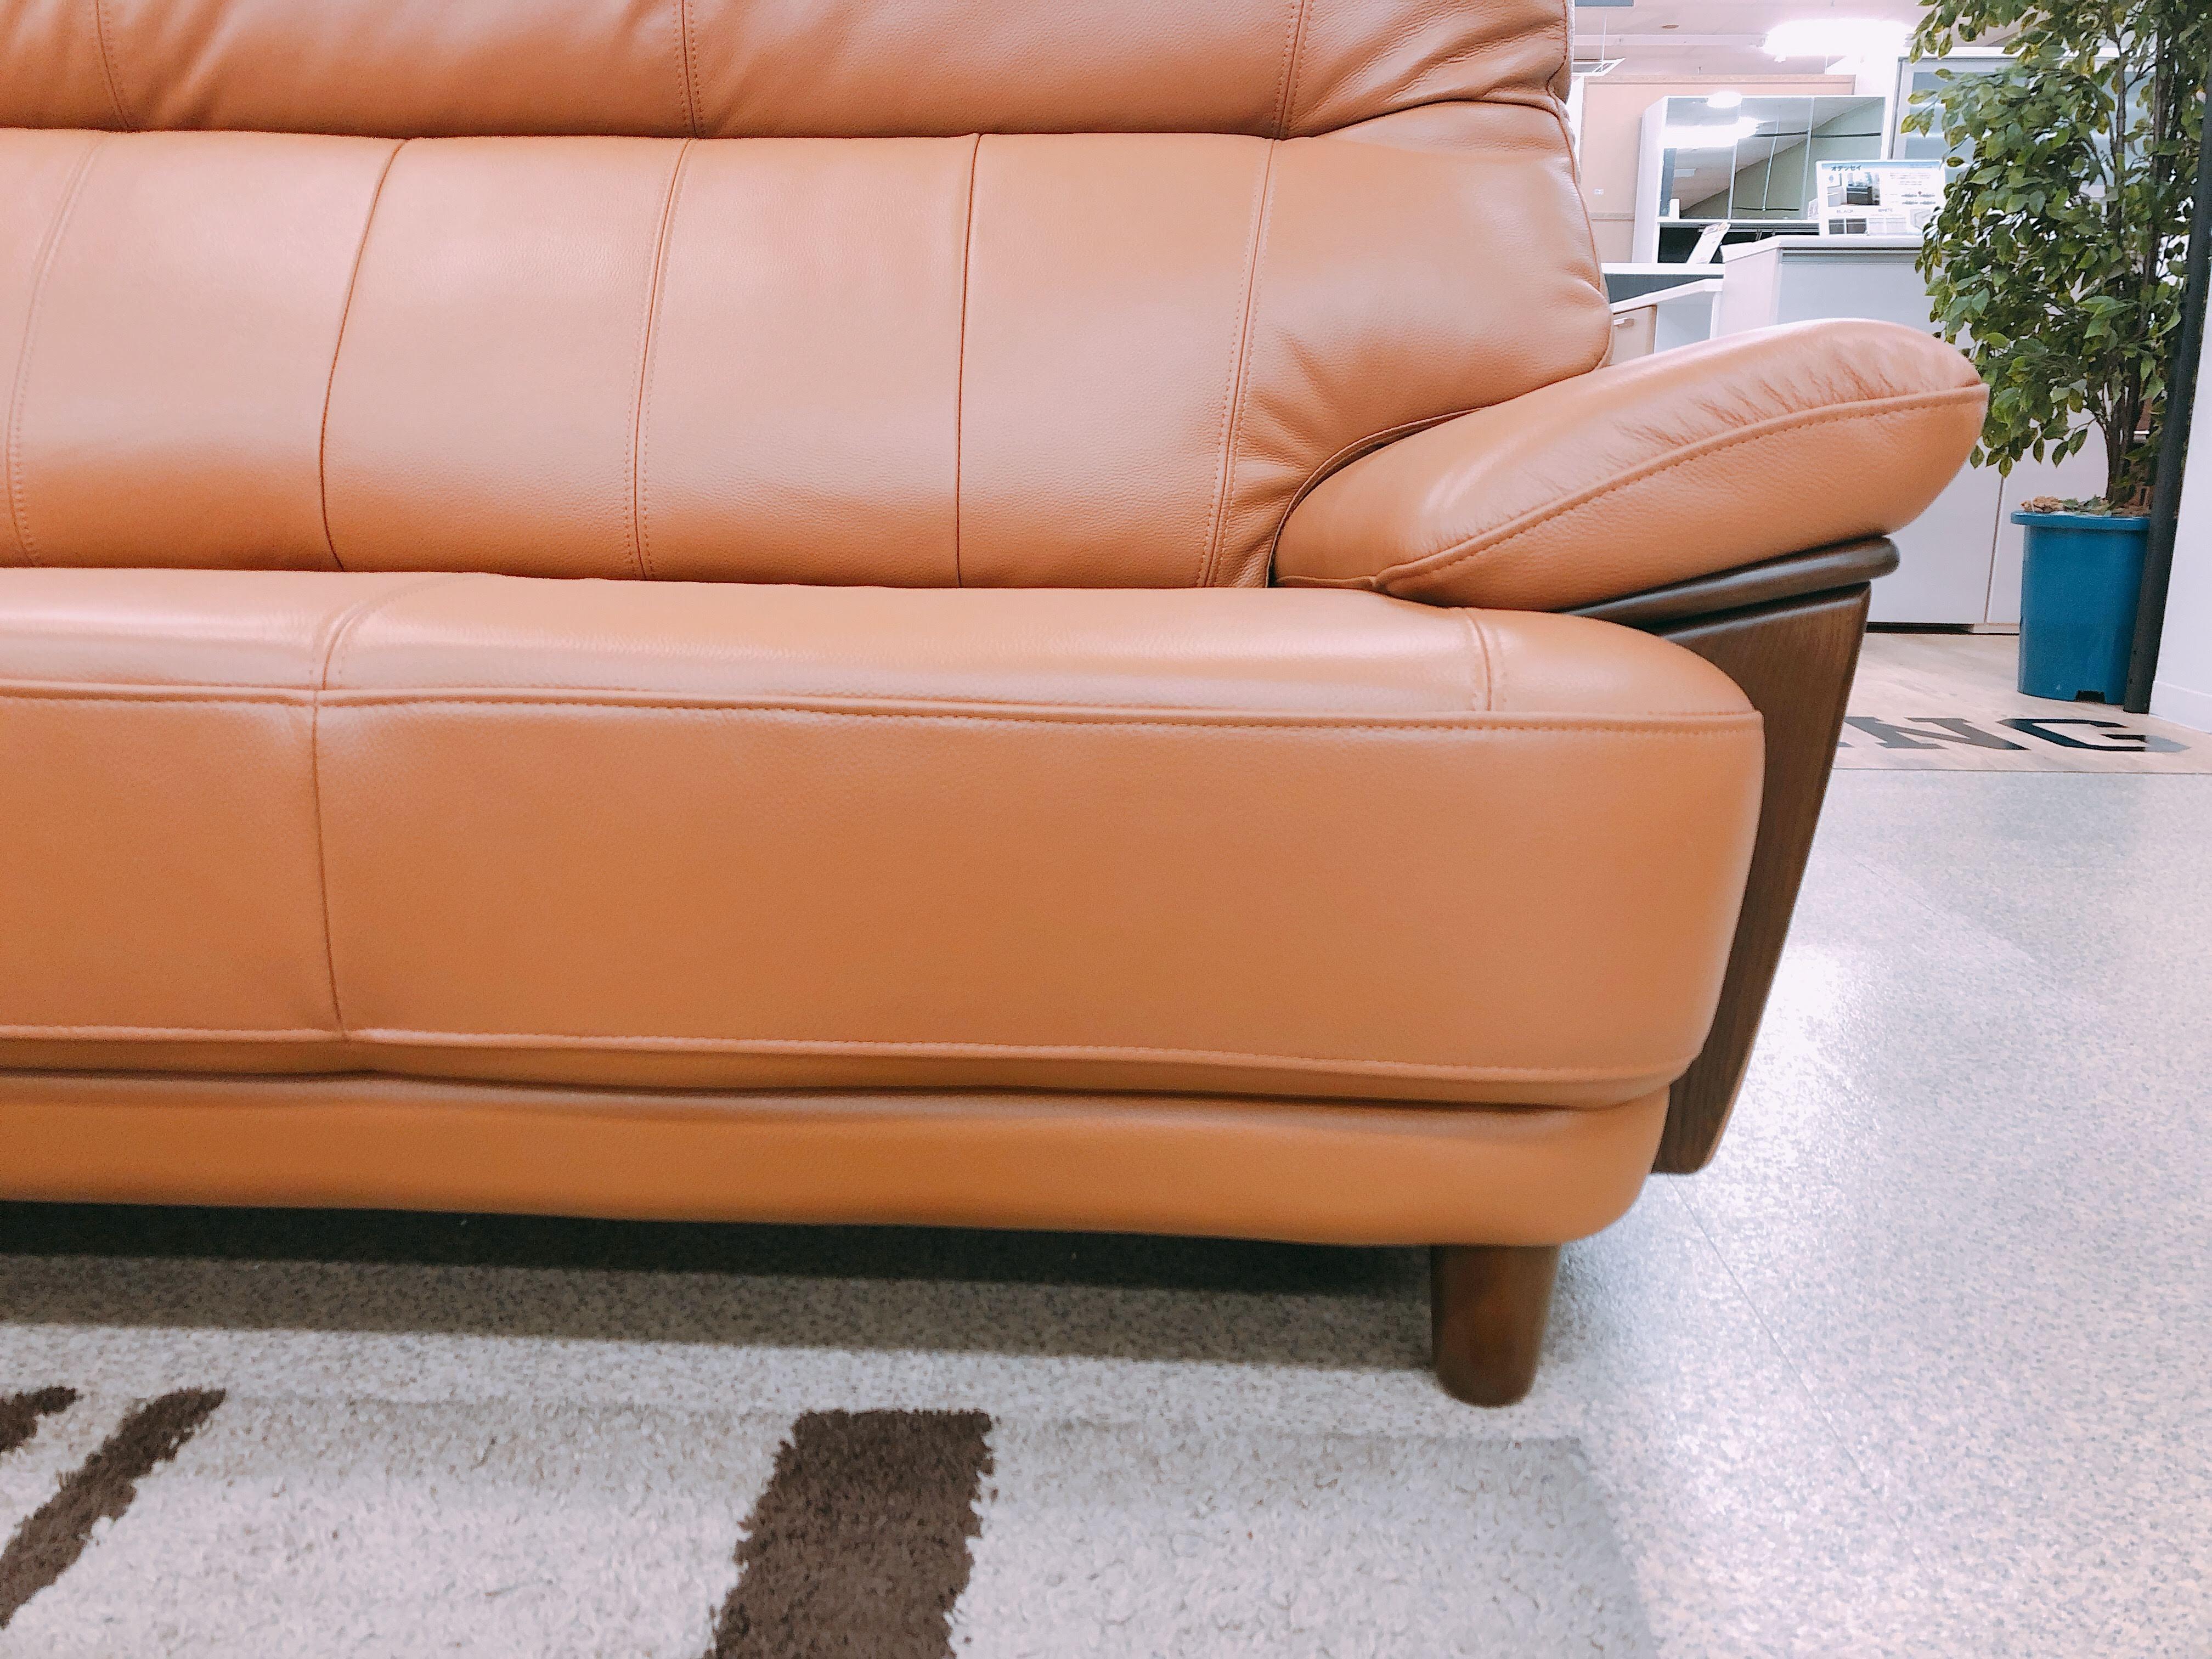 革質のよいボリュームありの3人掛けソファ メーカーモデルチェンジのための画像4